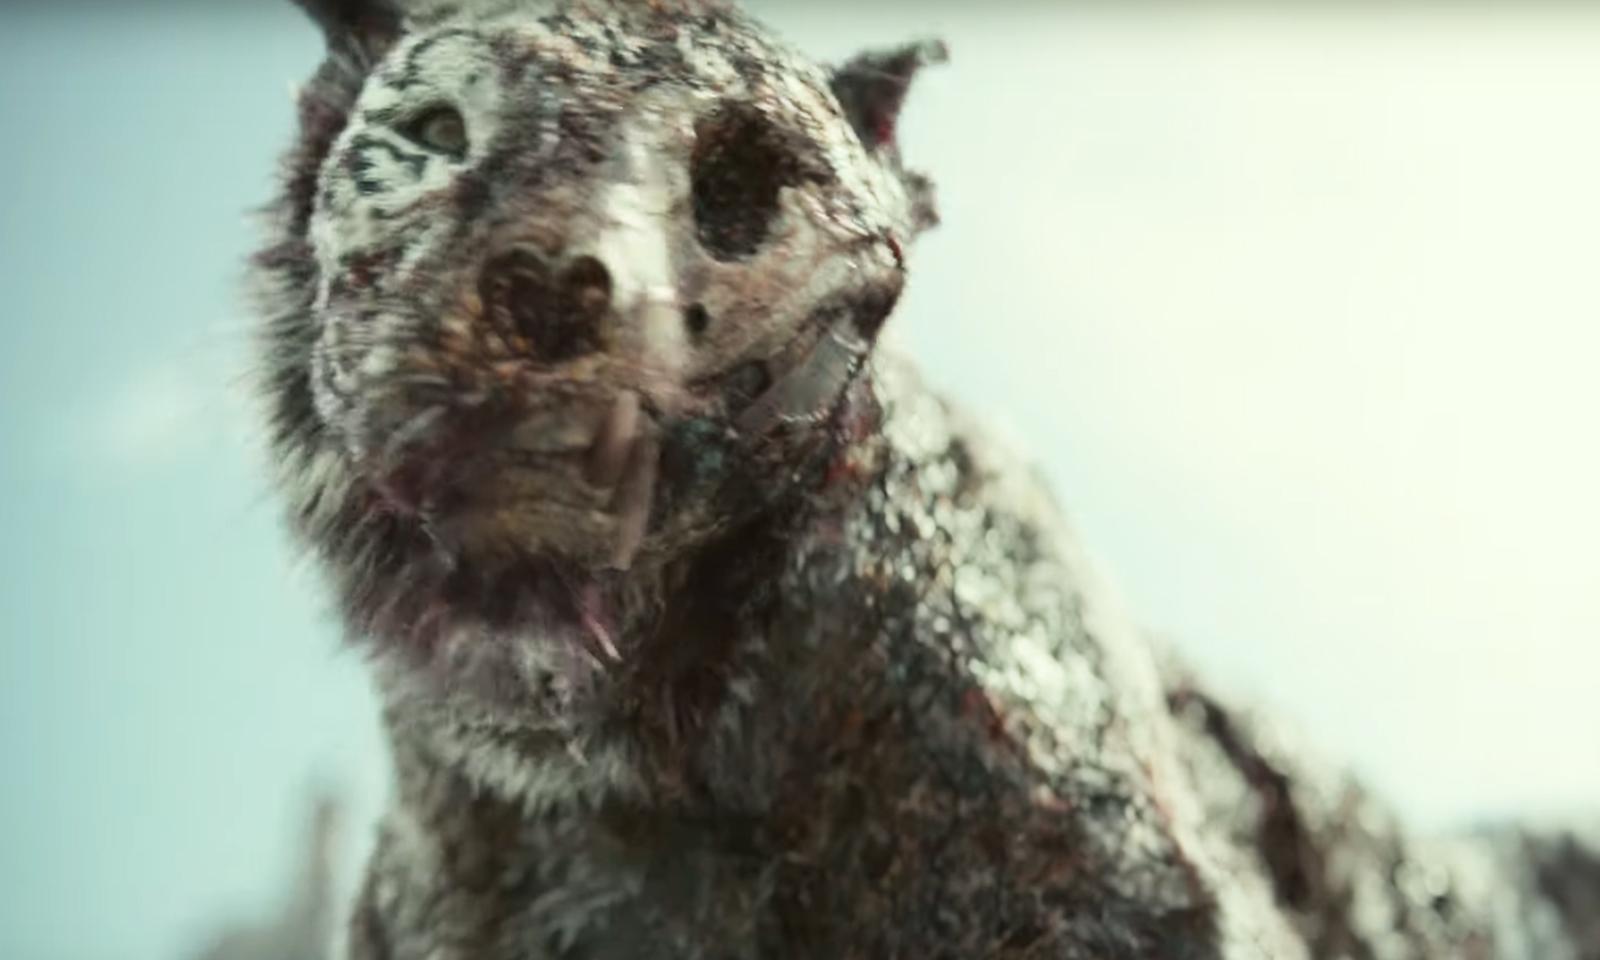 Tigre Zumbi no trailer do filme Army of the Dead